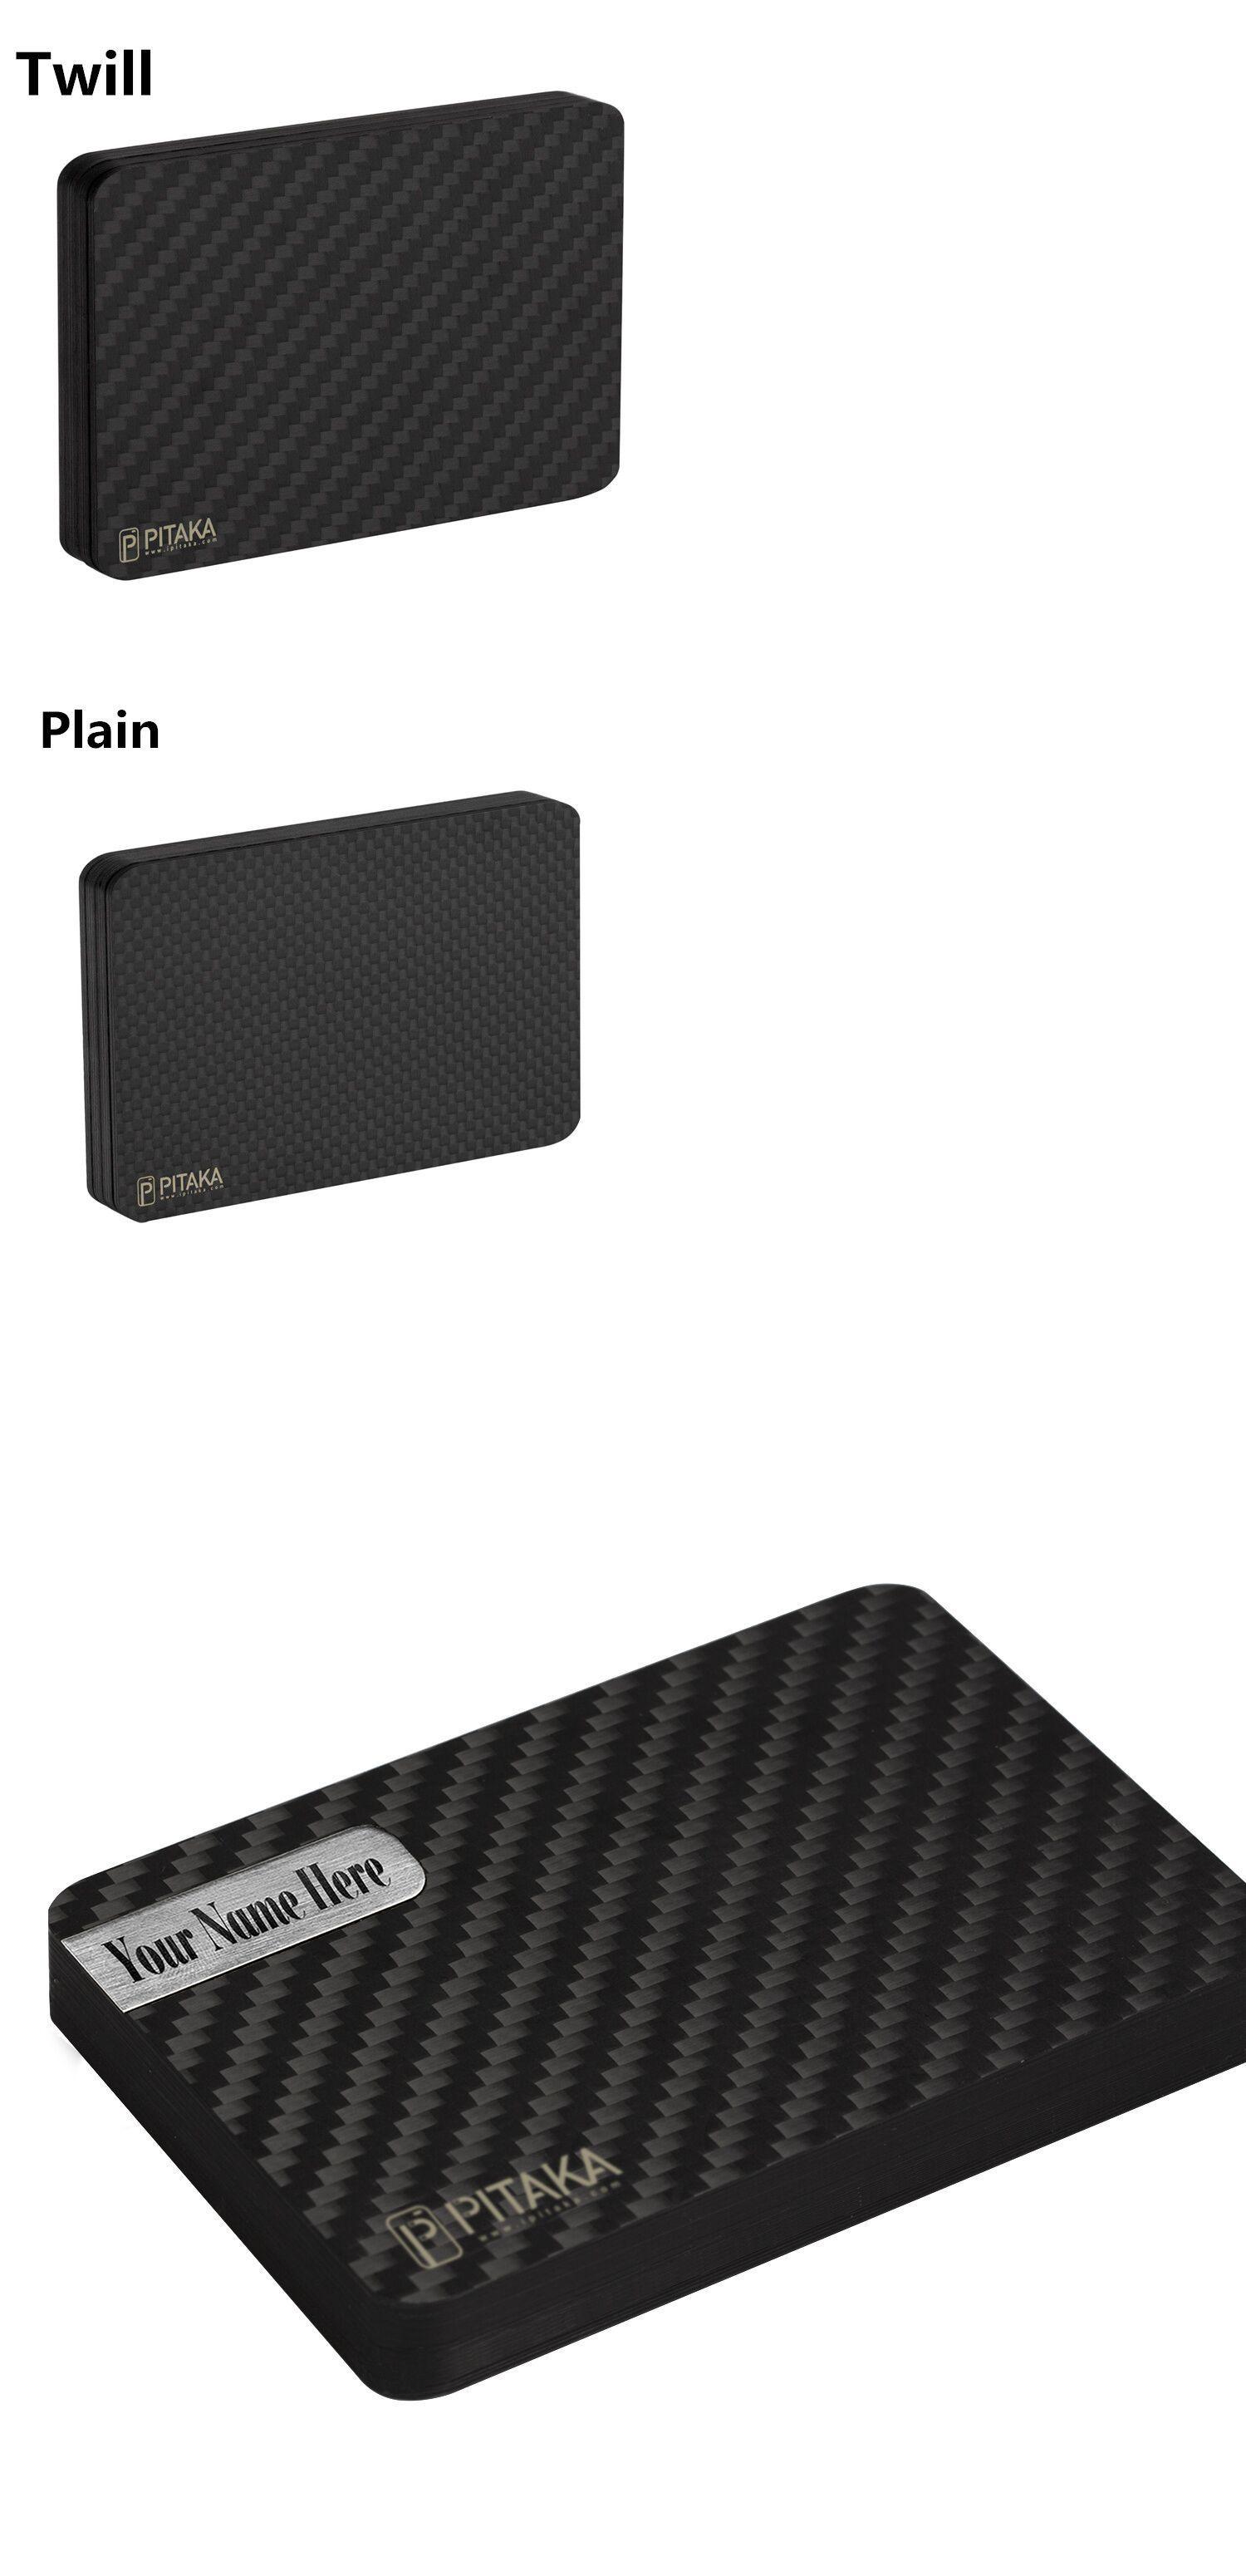 PITAKA Modular Slim Light Black Card Holder SALE Carbon Fiber Magnetic Wallet